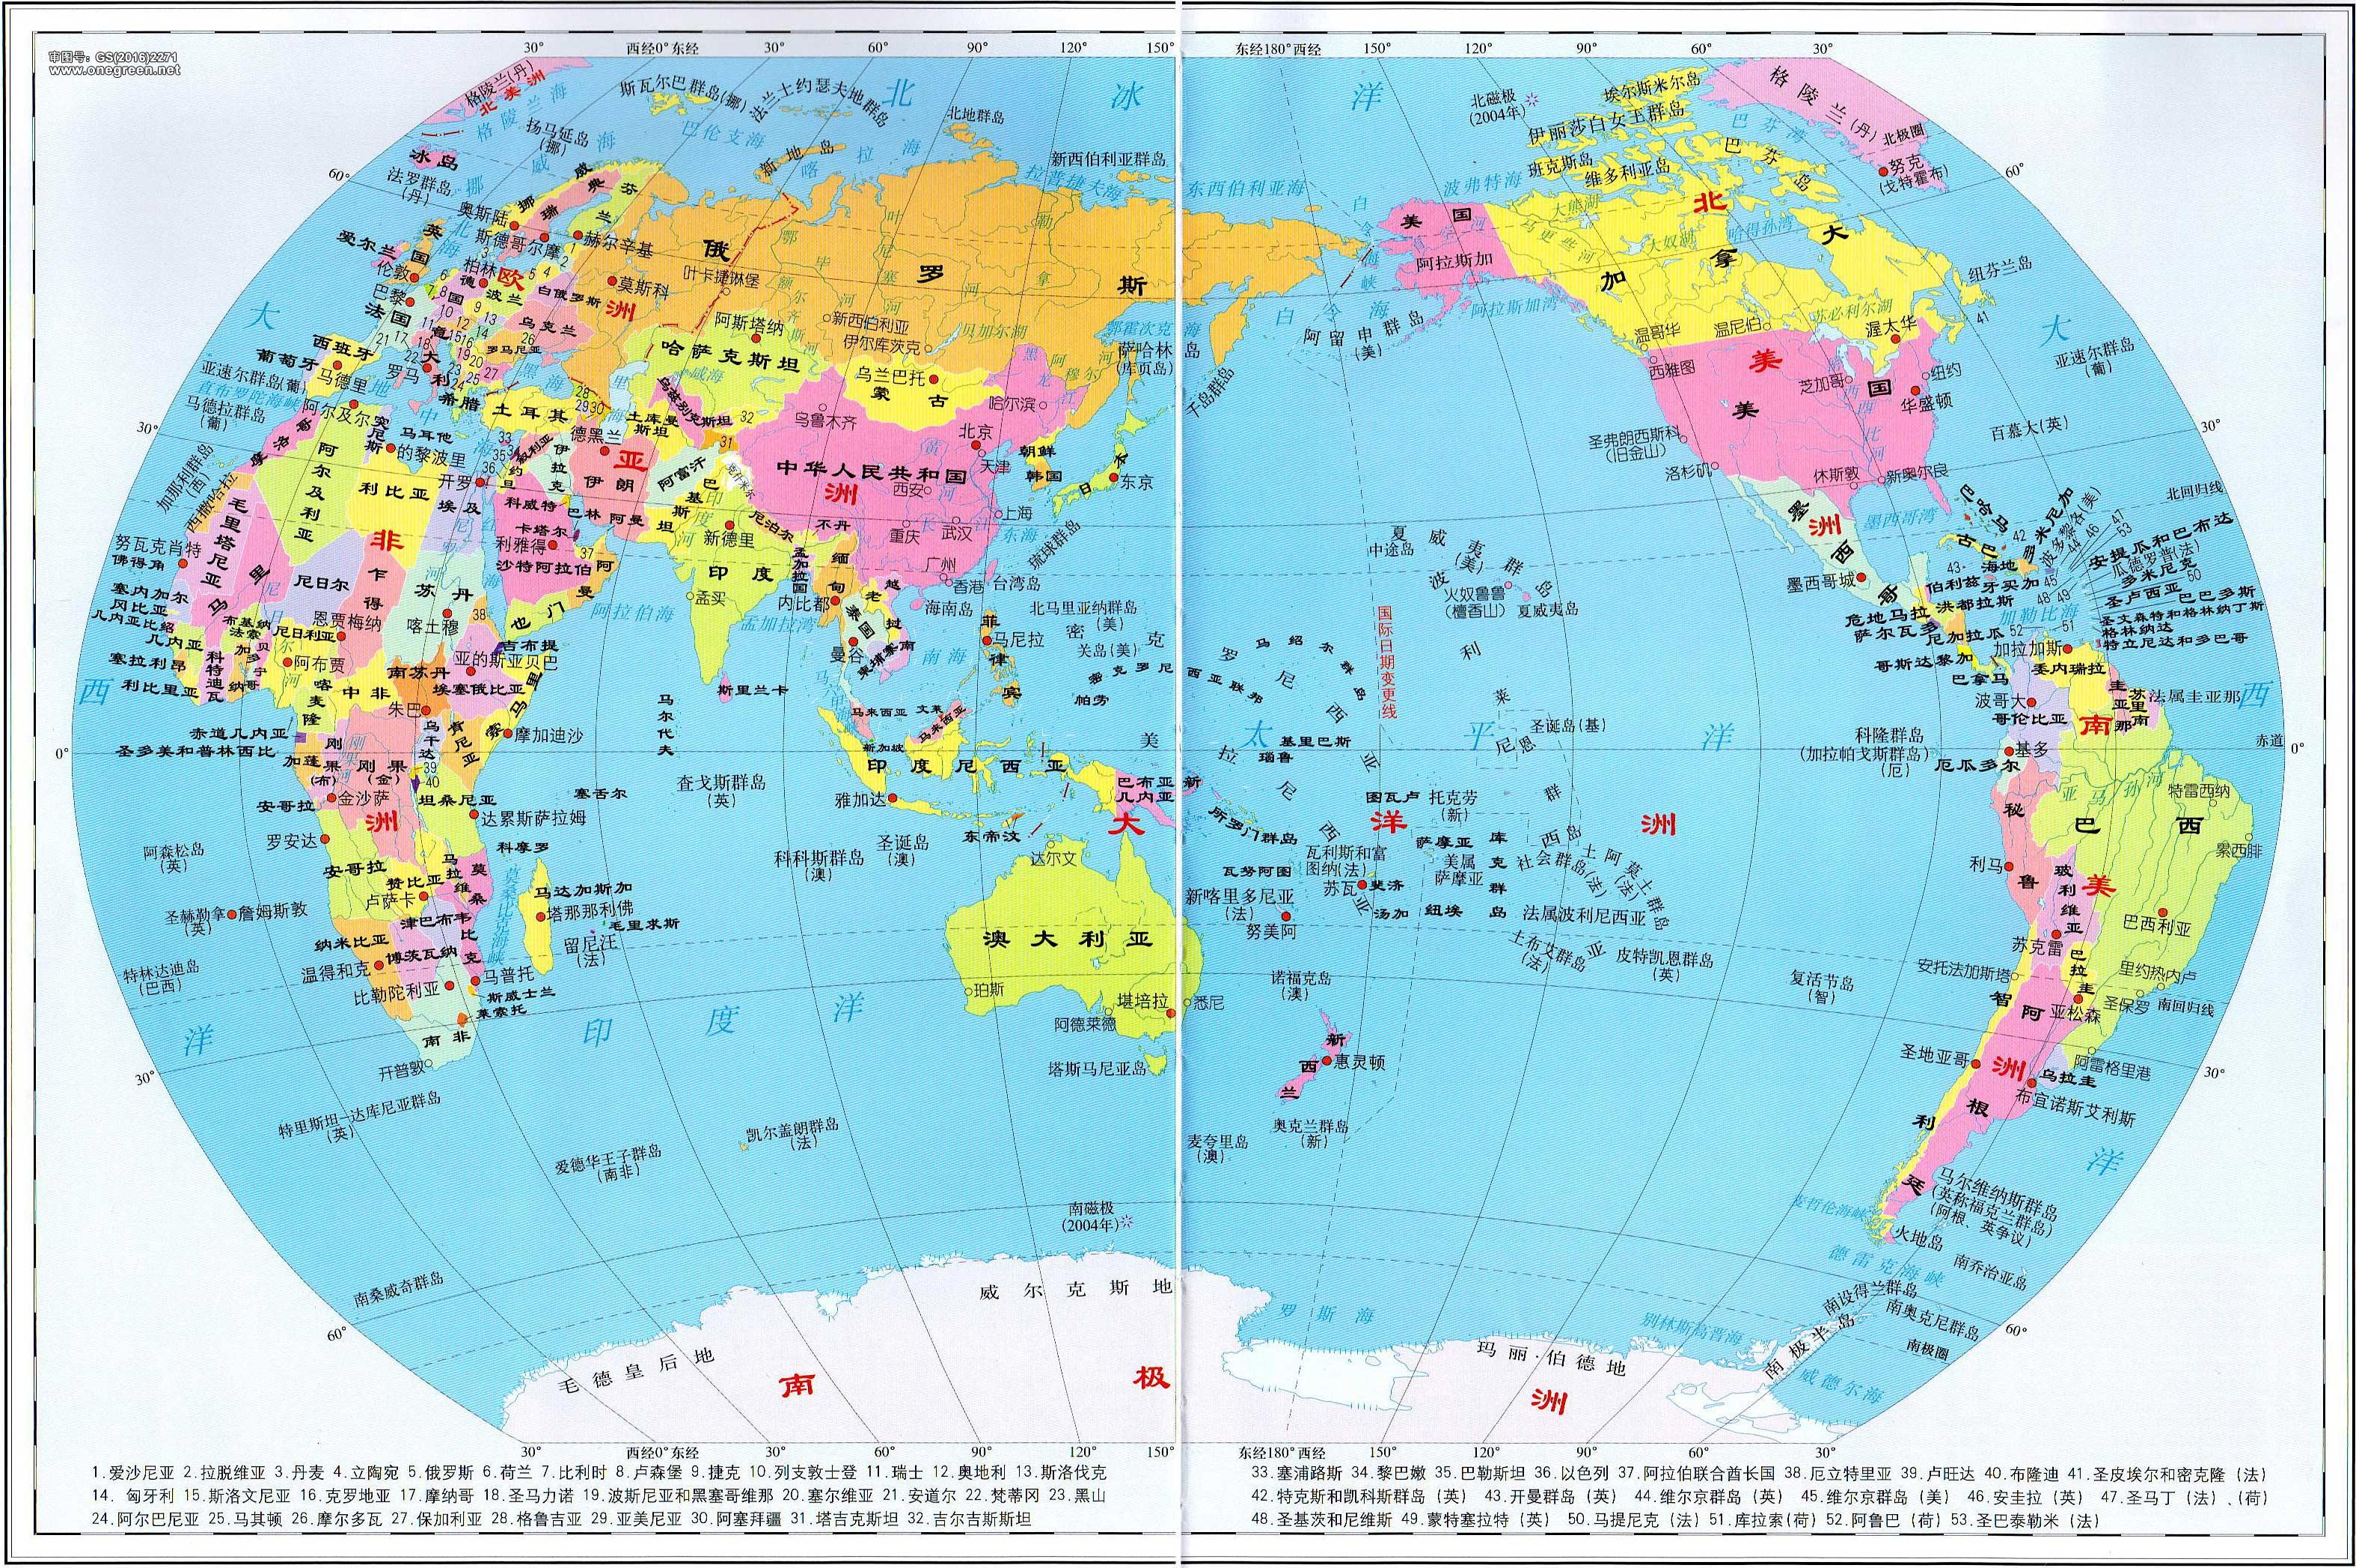 世界地图大全值得(收藏) - 易启百钠 - 易启百钠【泓易德】隐现世界~大荟要~